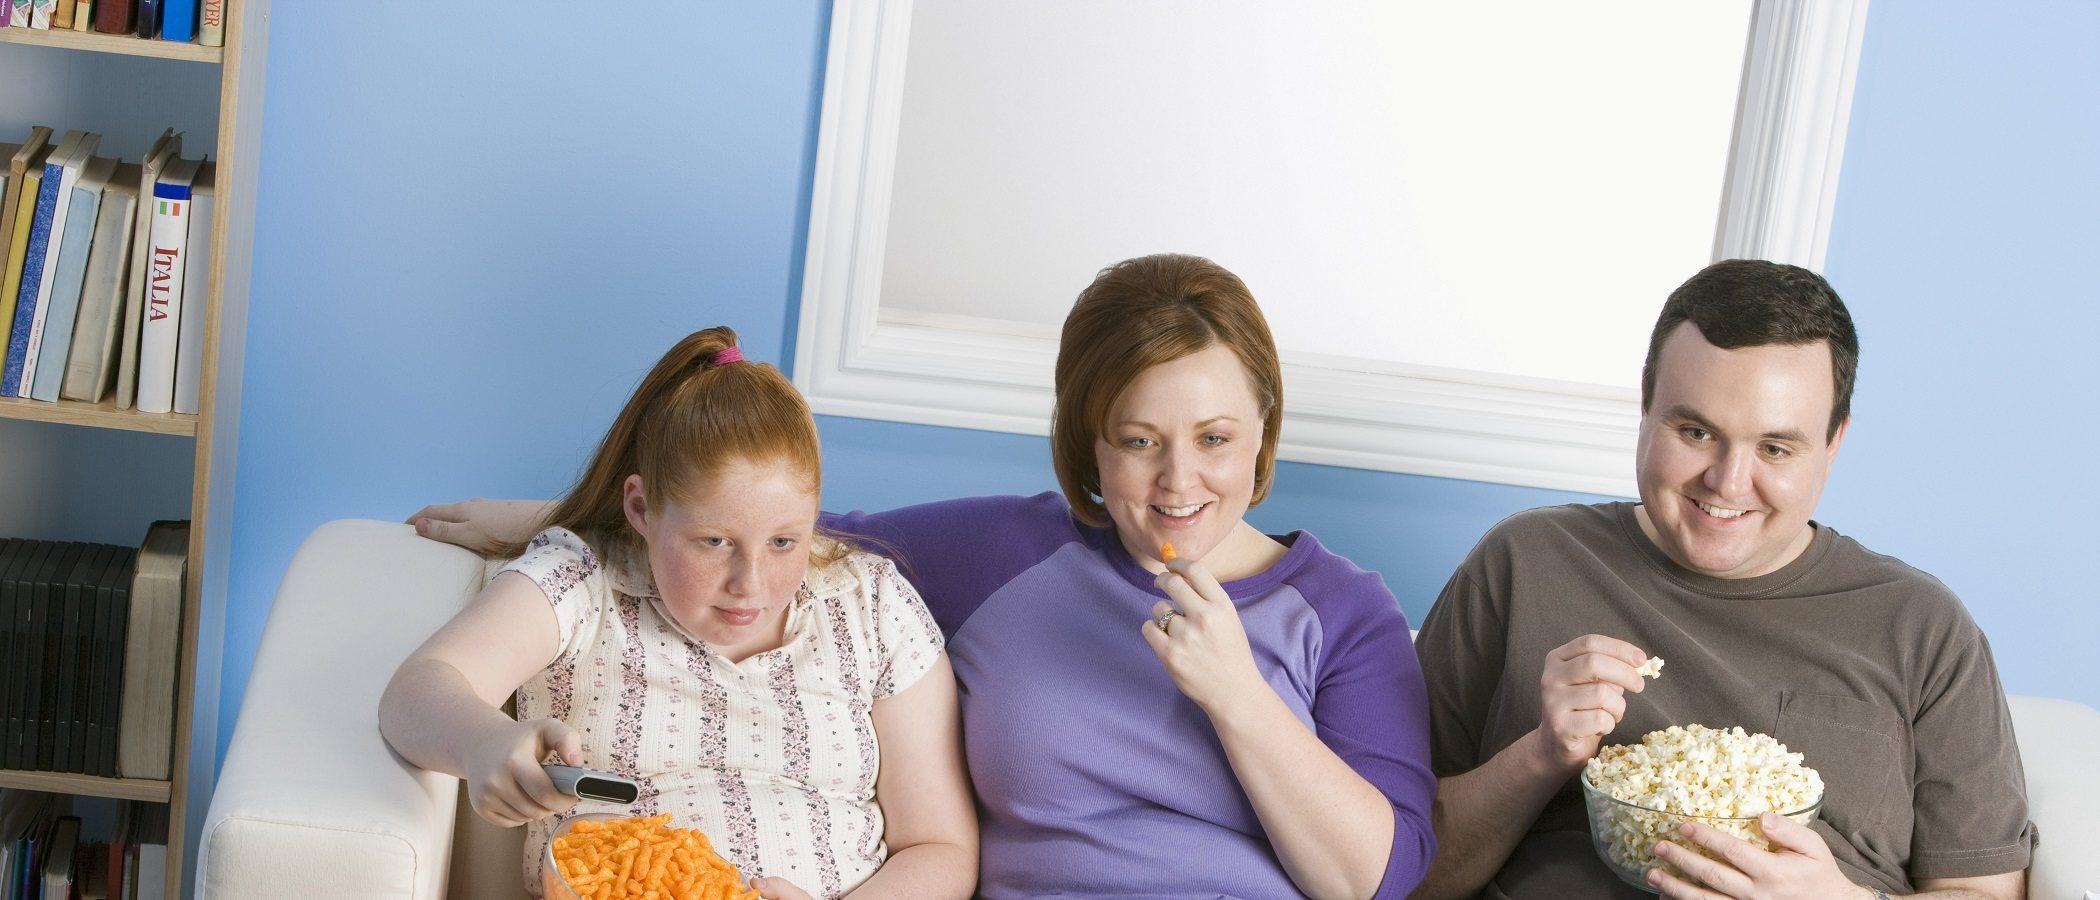 Formas saludables para que los niños de 11 años bajen de peso